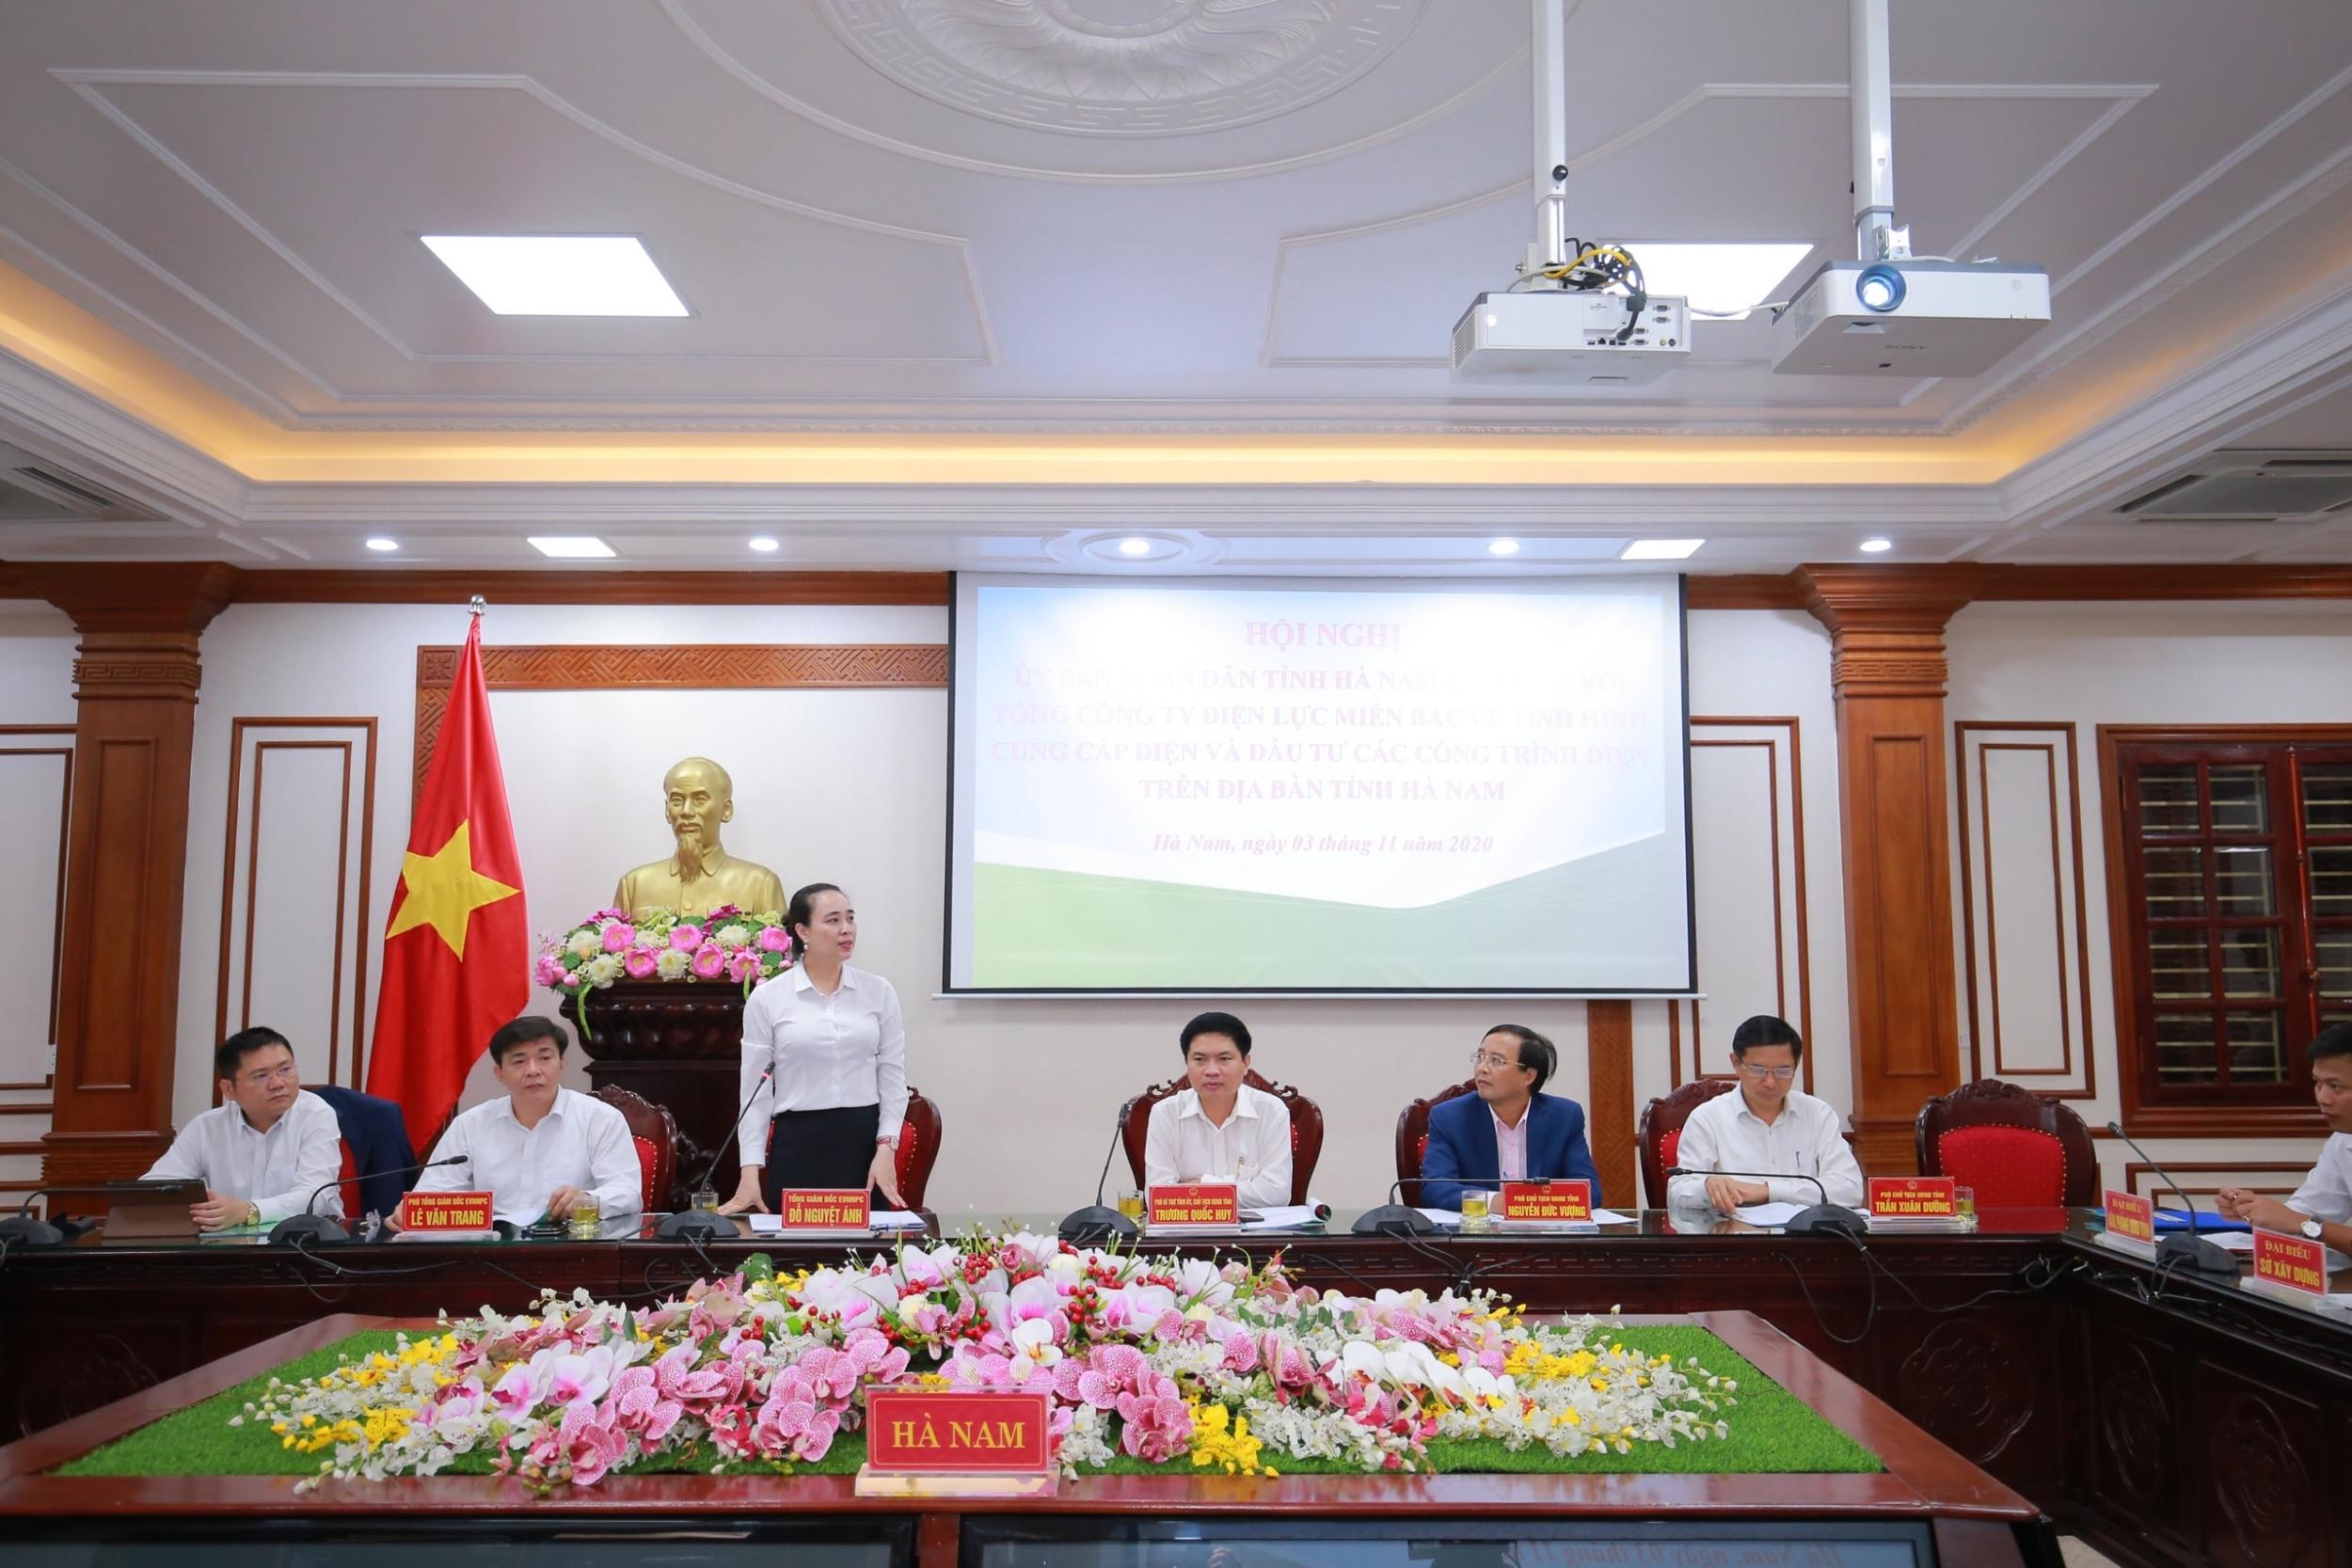 Hà Nam cam kết phối hợp chặt chẽ, tạo mọi điều kiện cho Ngành điện kinh doanh và hoàn thành sứ mệnh